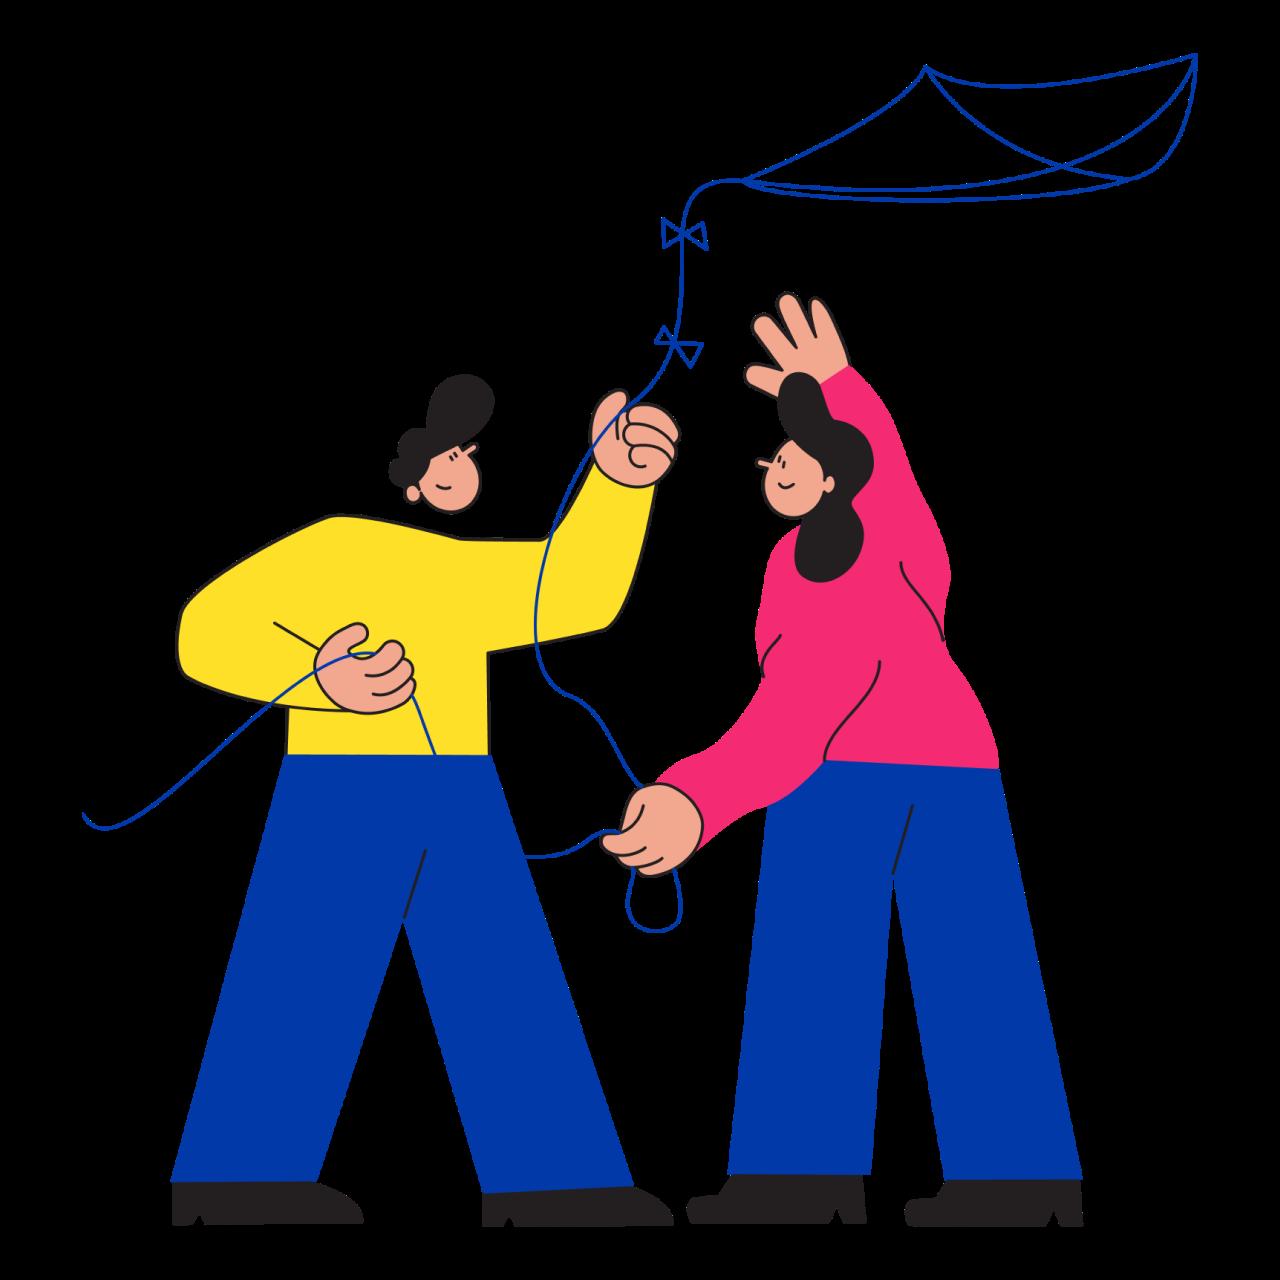 Обложка набора иллюстраций Teammy о командной работе и совместных проектах